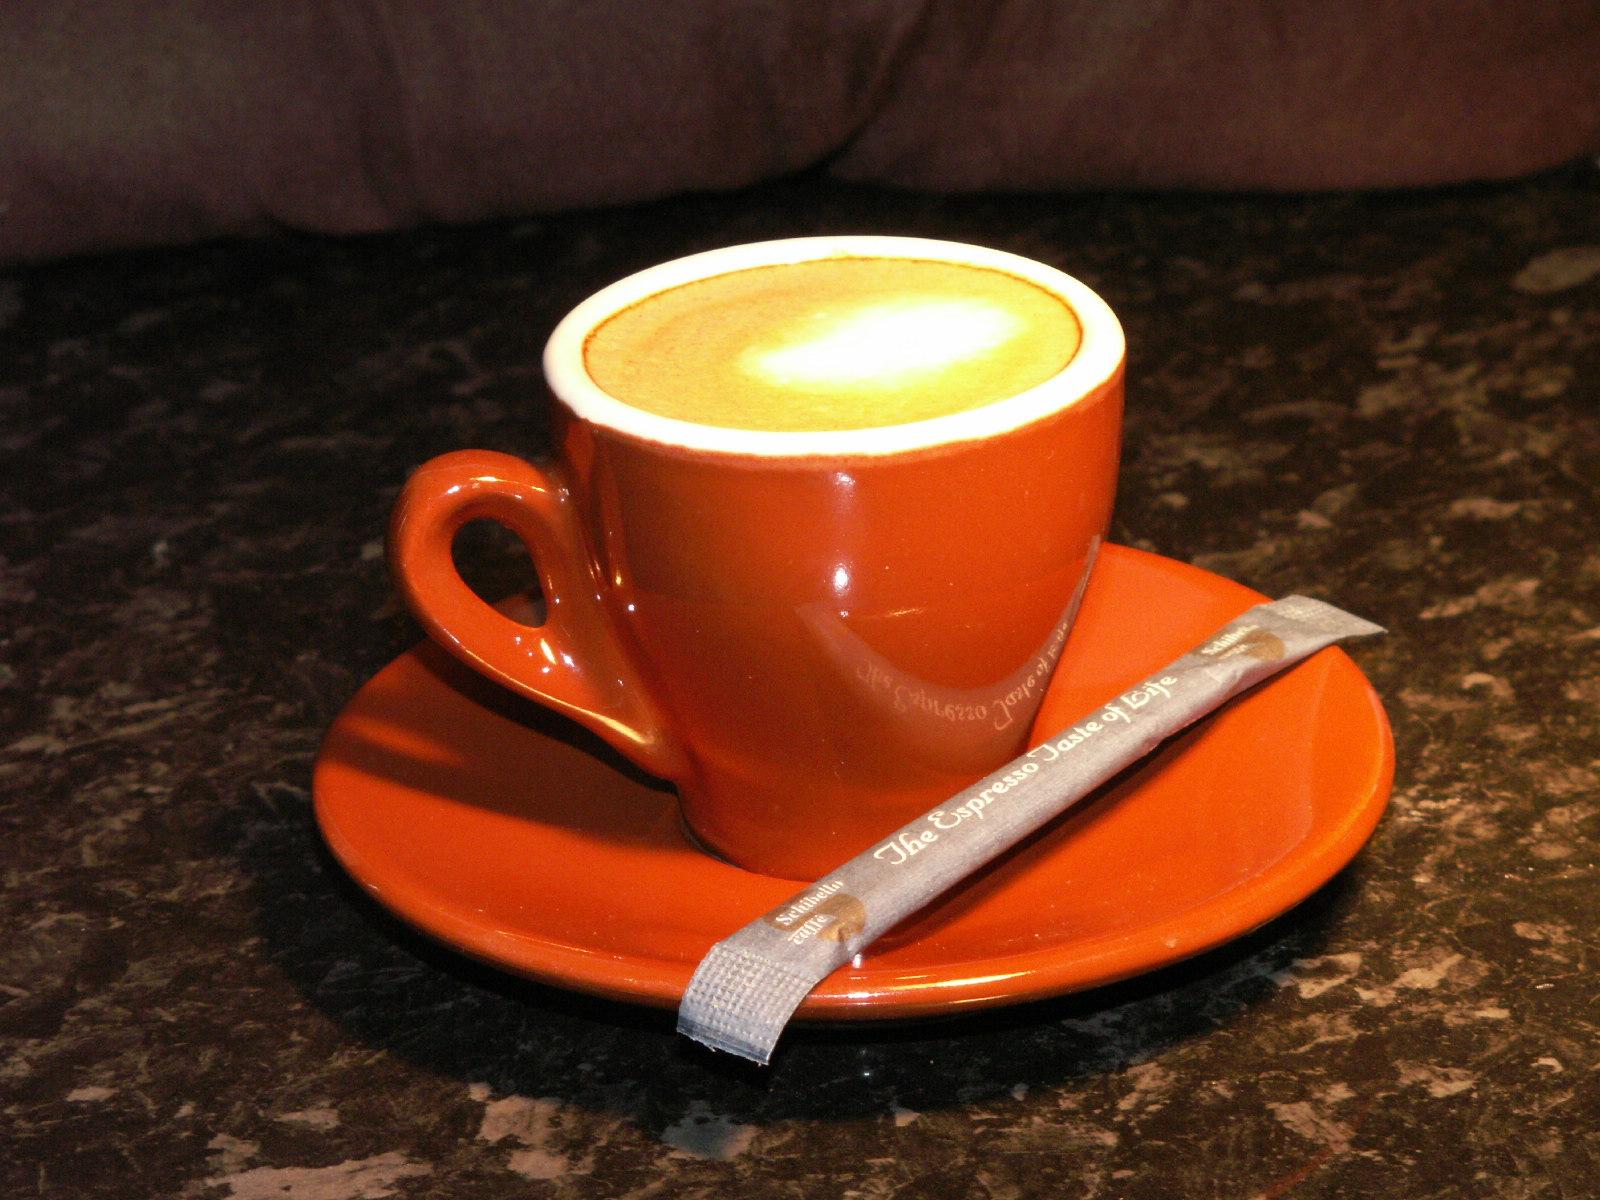 красная чашка с кофе, скачать фото, обои на рабочий стол, кофе